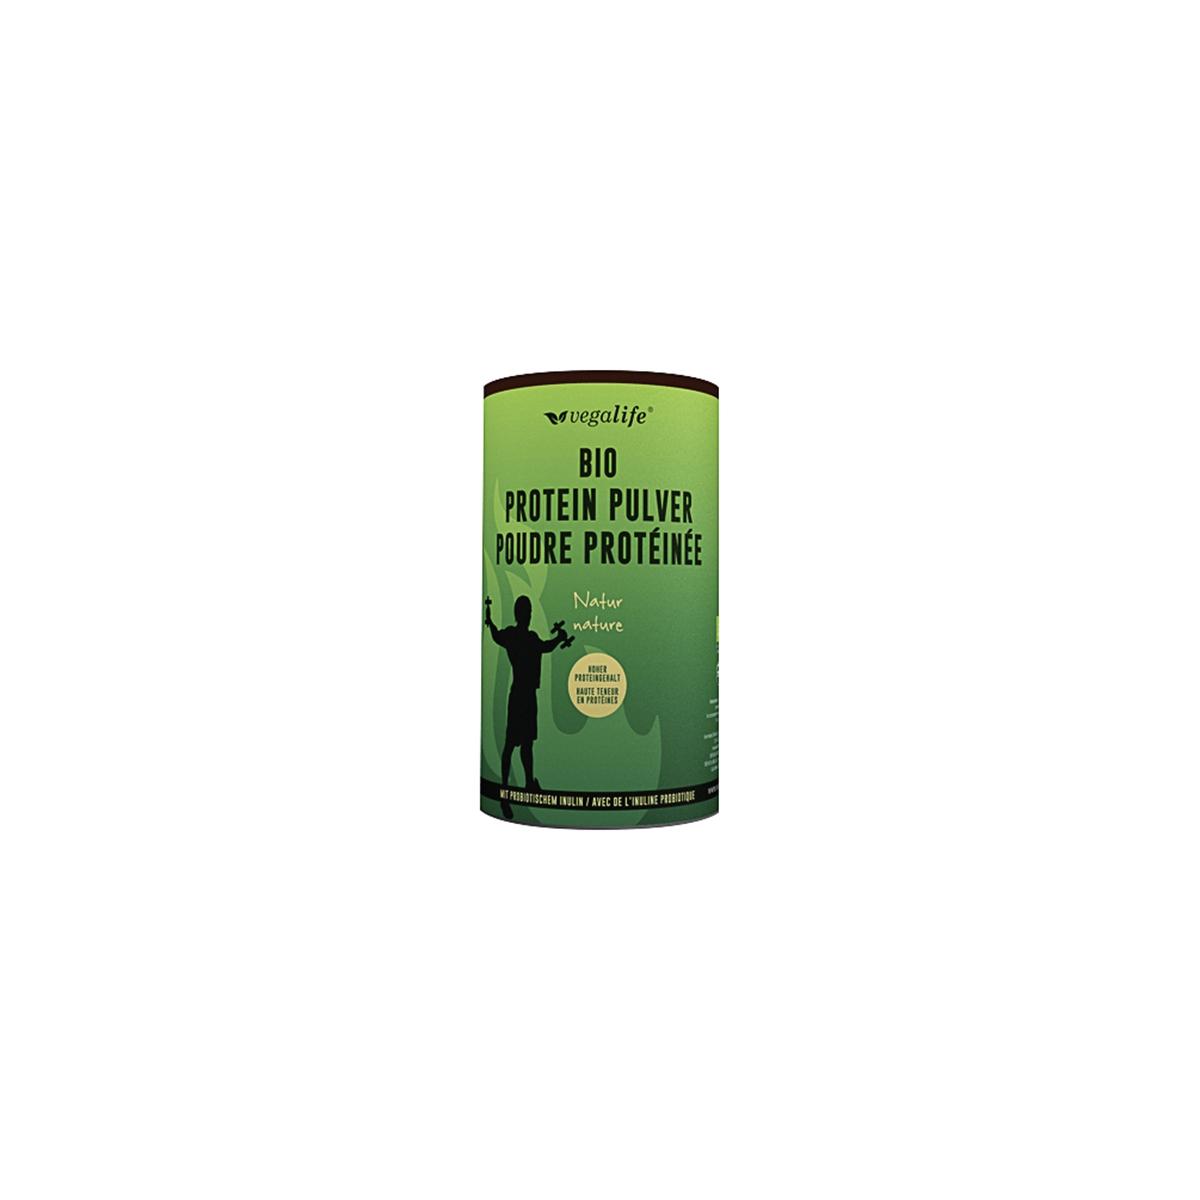 Protein Pulver Natur Dose 450 g - Vegalife